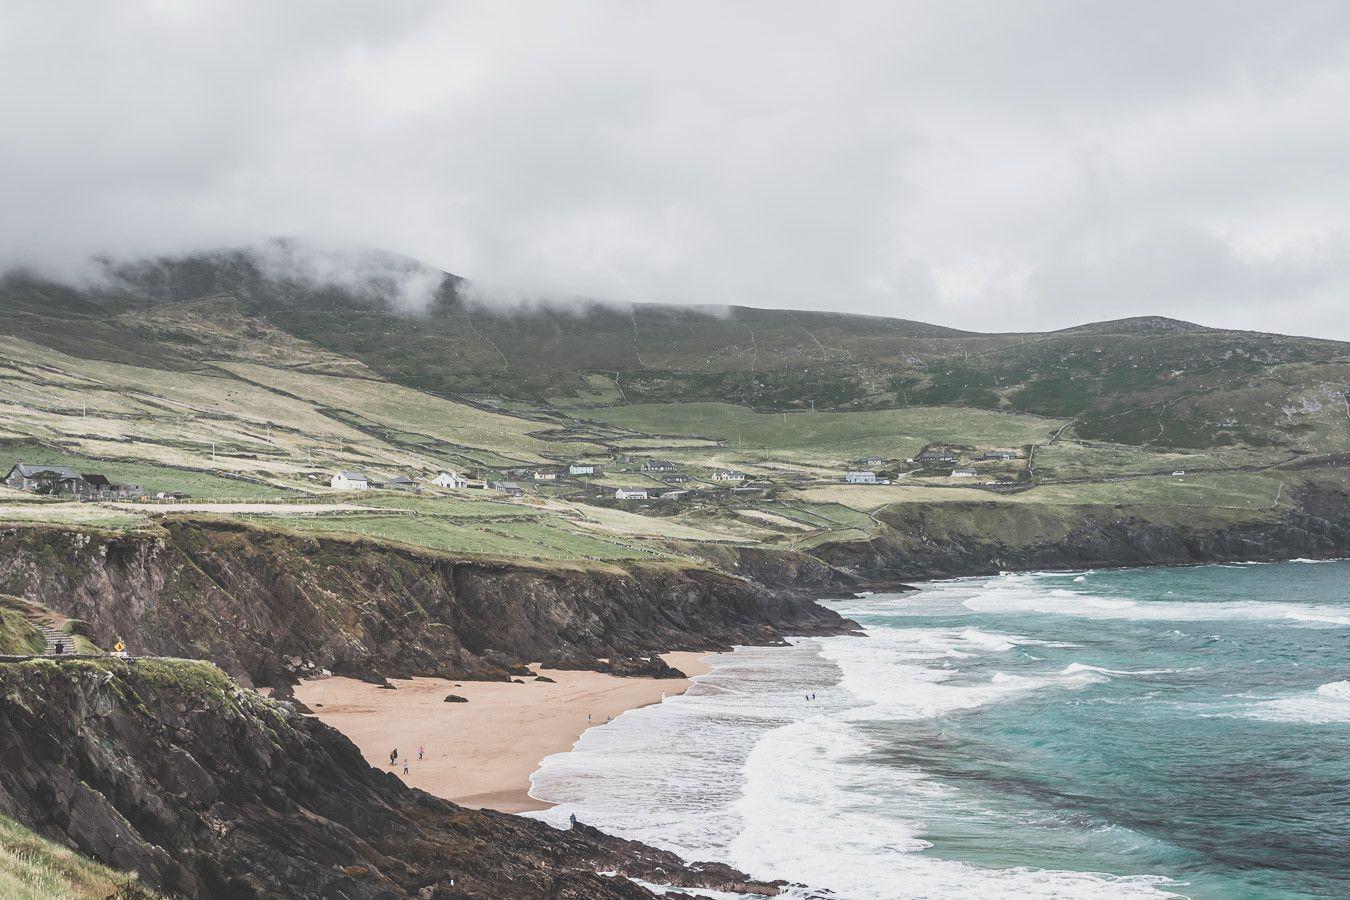 La plage de Dunmore Head dans le comté de Kerry